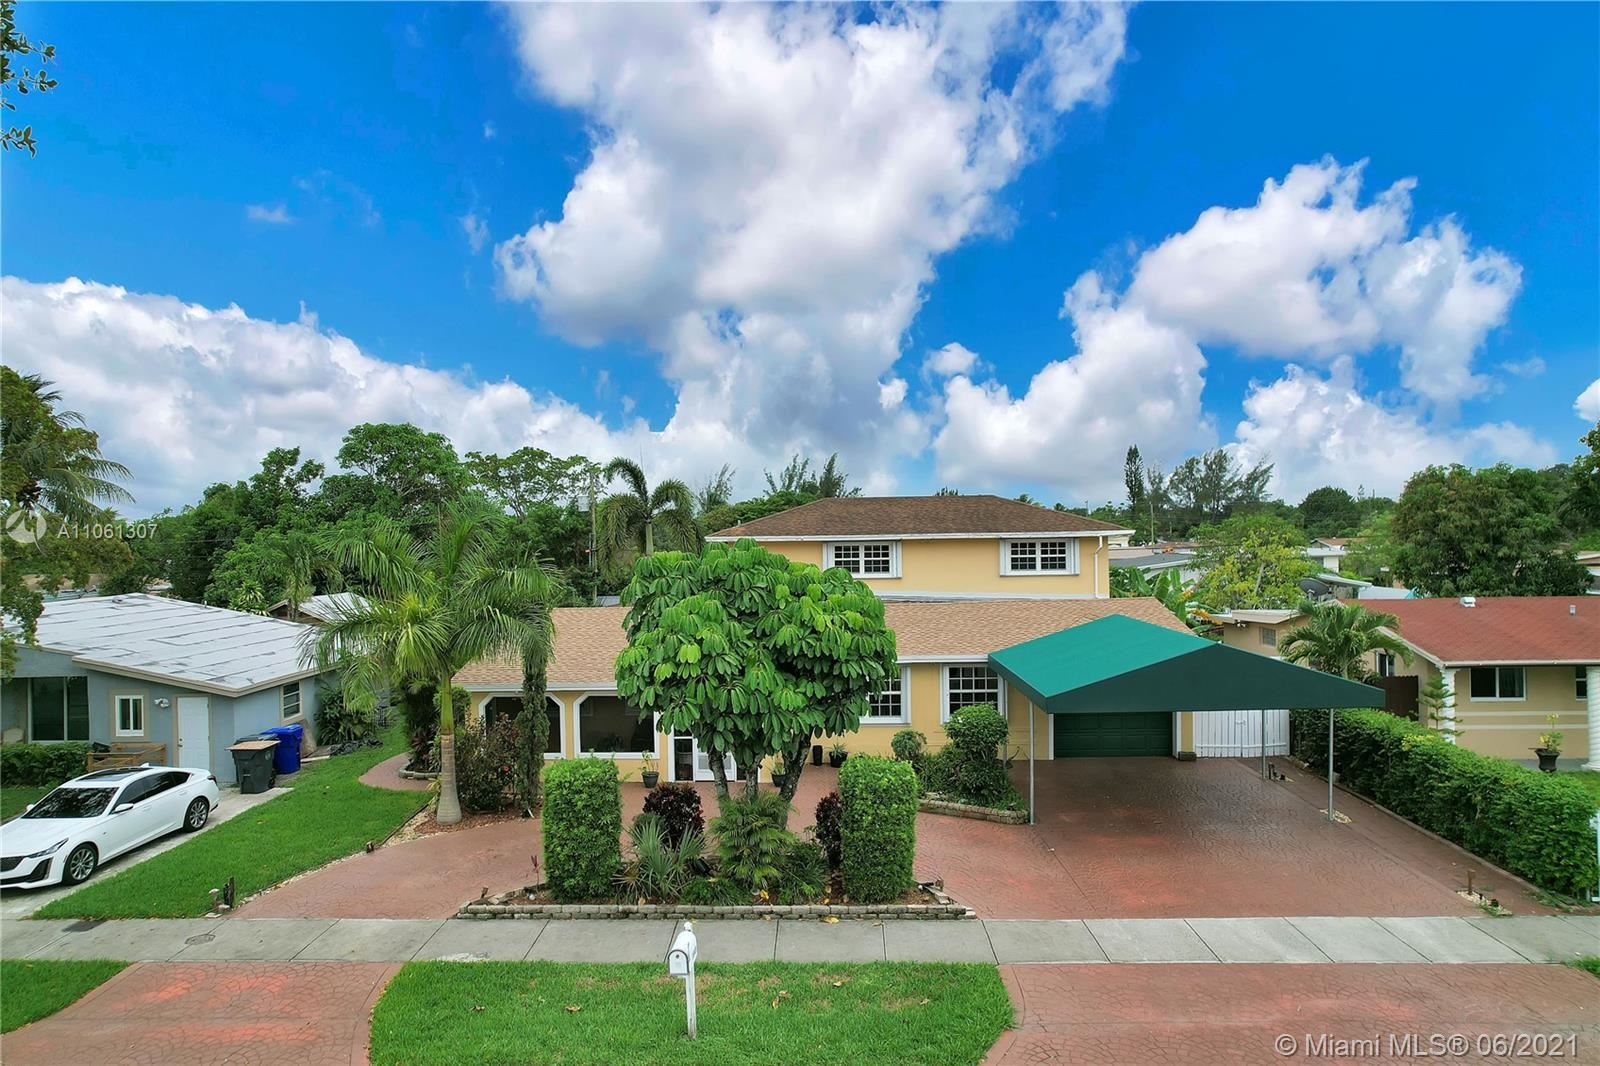 3840 SW 31st St, West Park, FL 33023 - #: A11061307